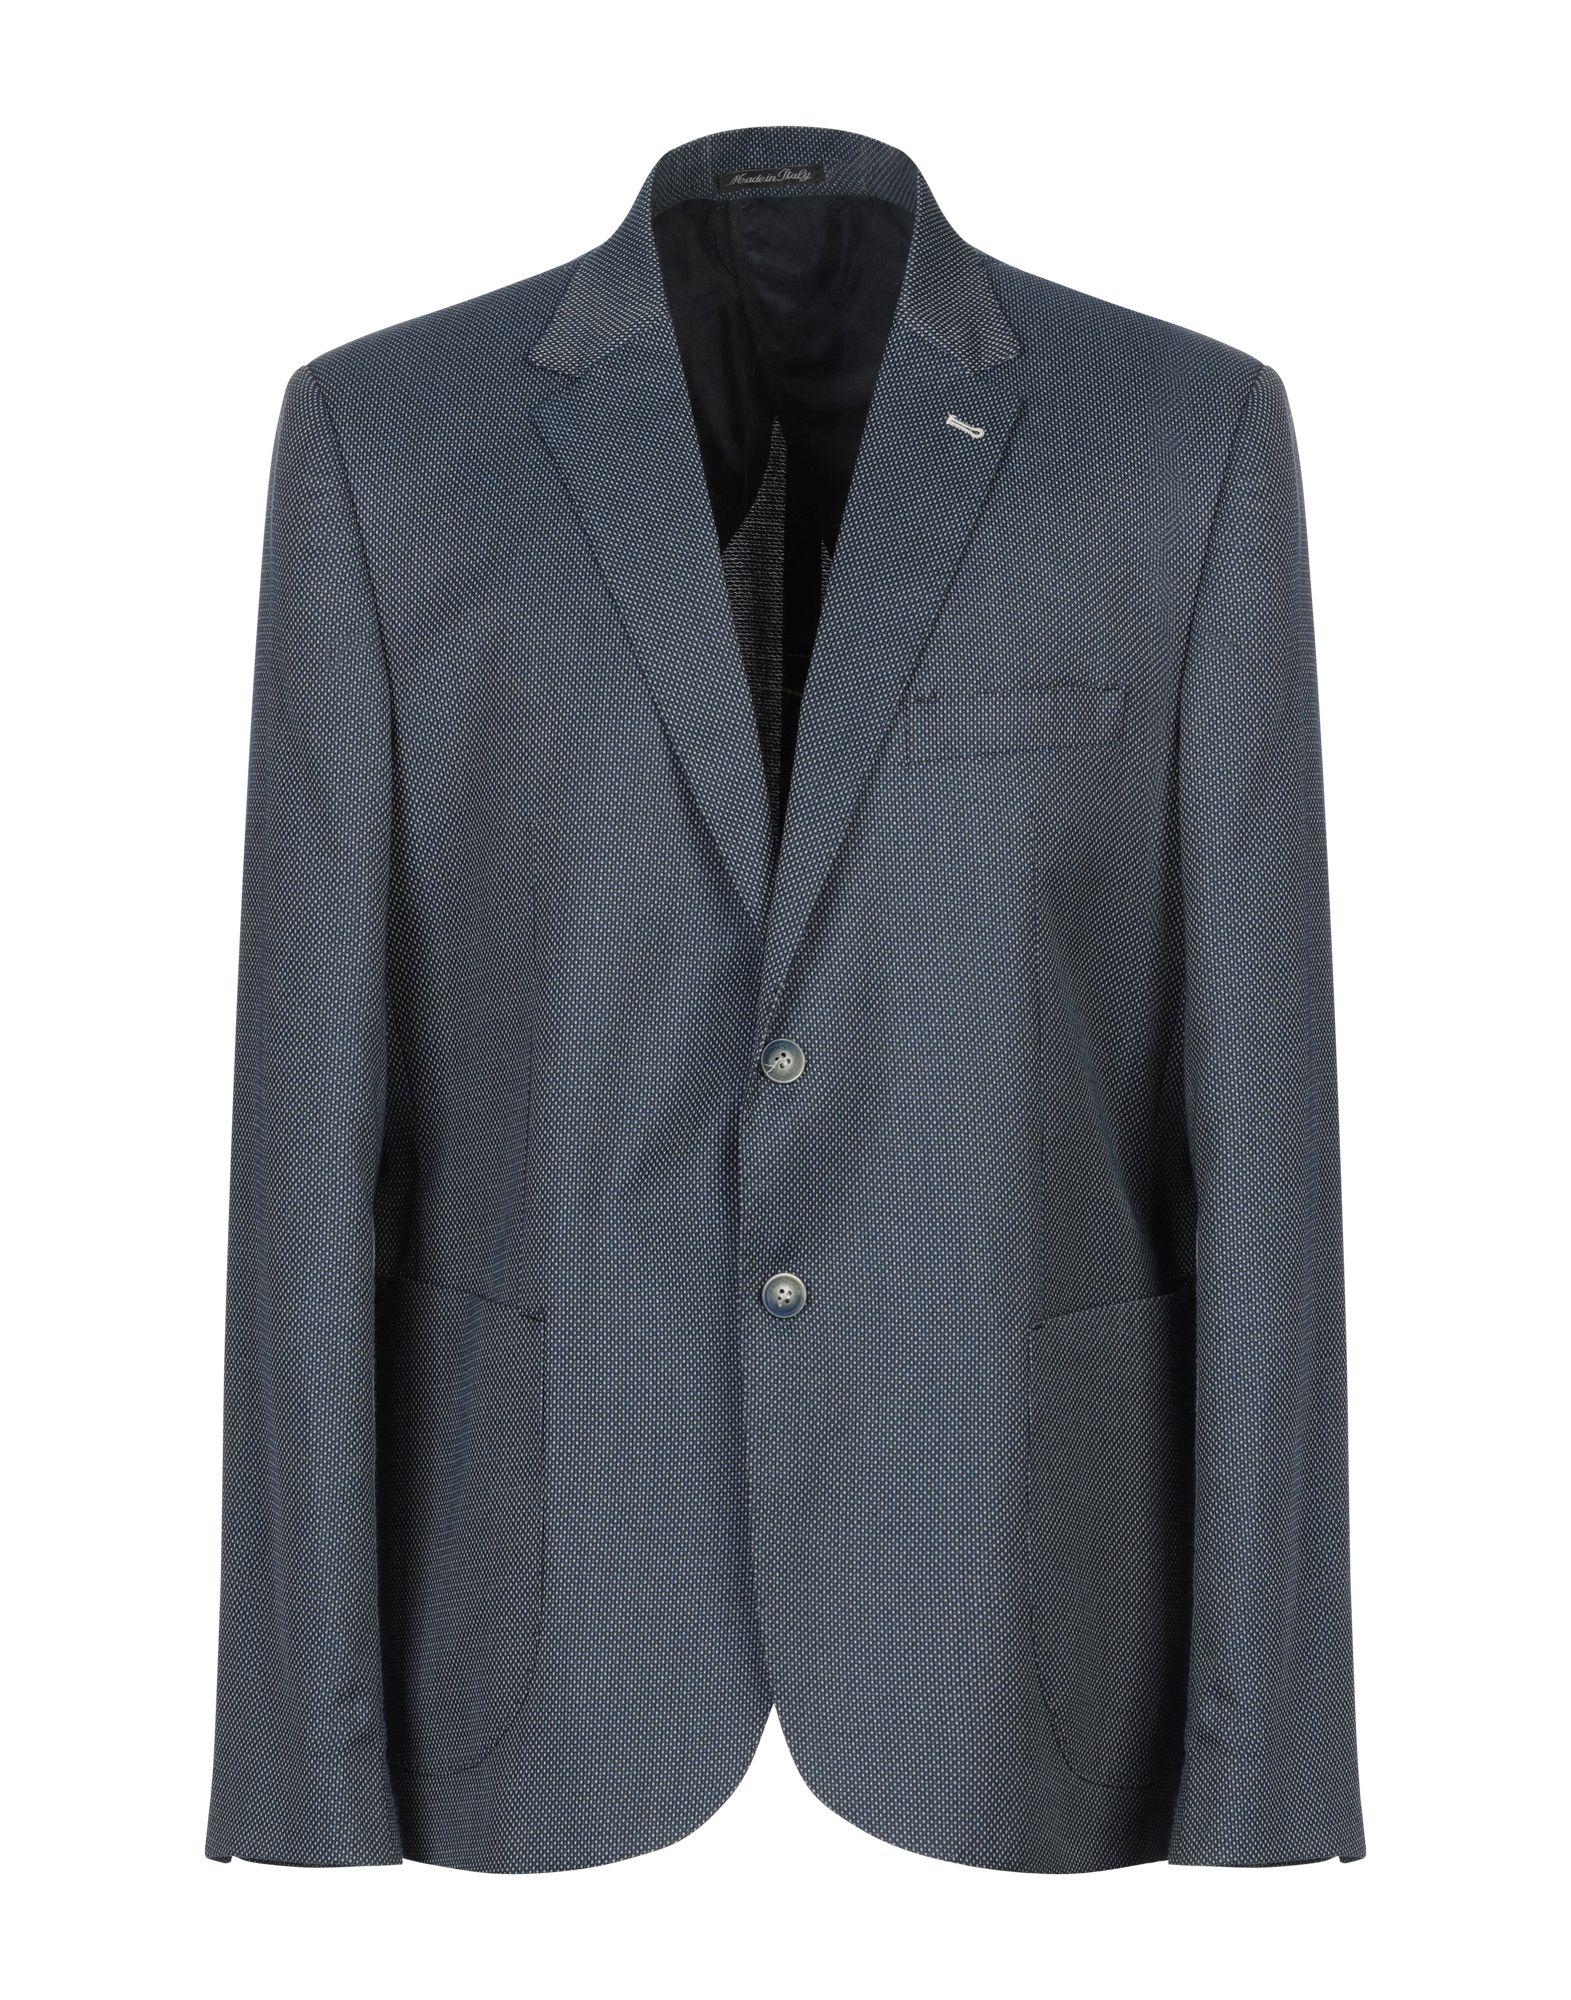 《期間限定セール開催中!》EREDI DEL DUCA メンズ テーラードジャケット ブルー 46 ポリエステル 82% / レーヨン 17% / ポリウレタン 1%